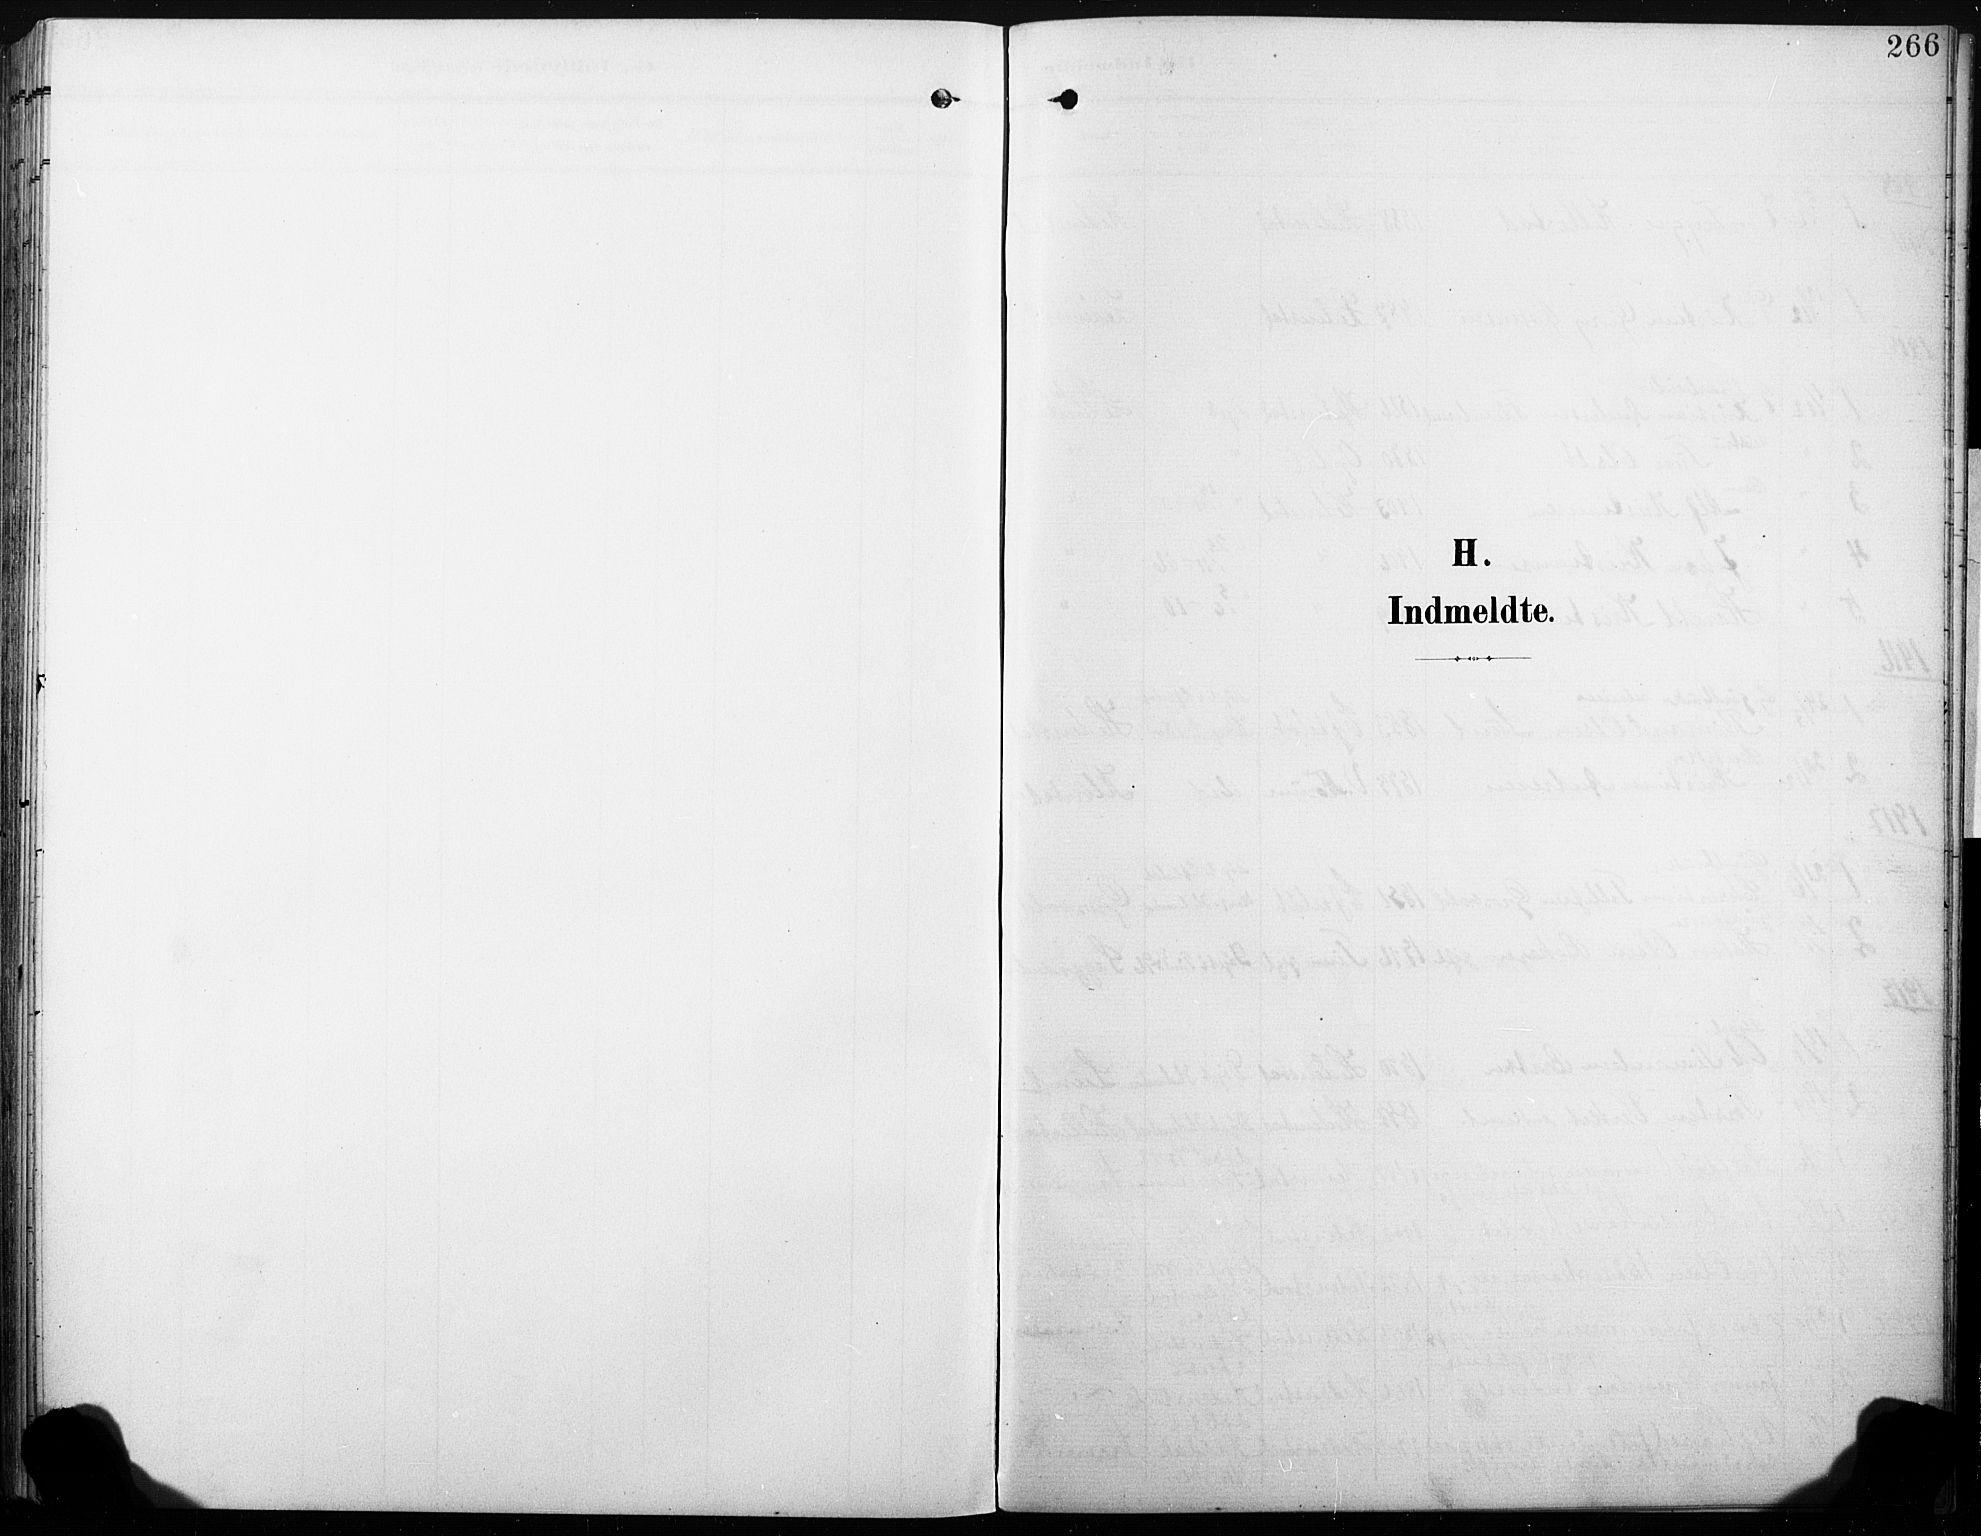 SAKO, Sandsvær kirkebøker, G/Gd/L0004a: Klokkerbok nr. IV 4A, 1901-1932, s. 266